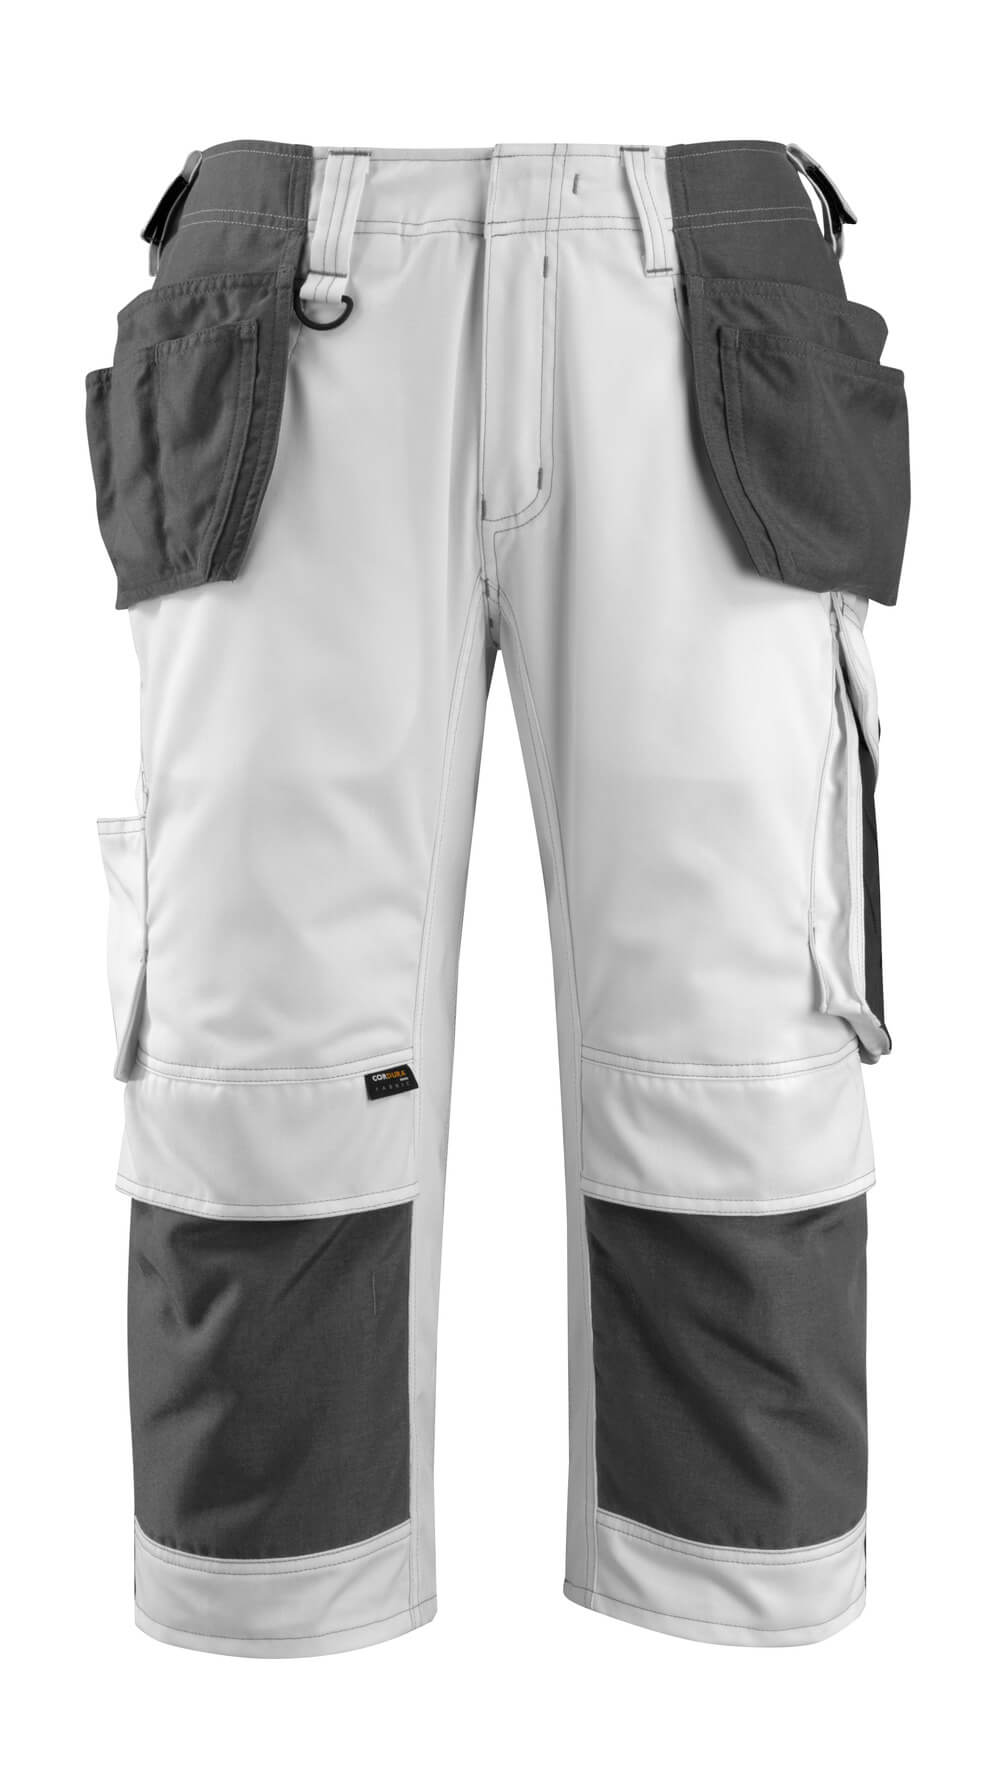 14349-442-0618 ¾ Lunghezza Pantaloni con tasche porta-ginocchiere e tasche esterne - bianco/antracite scuro